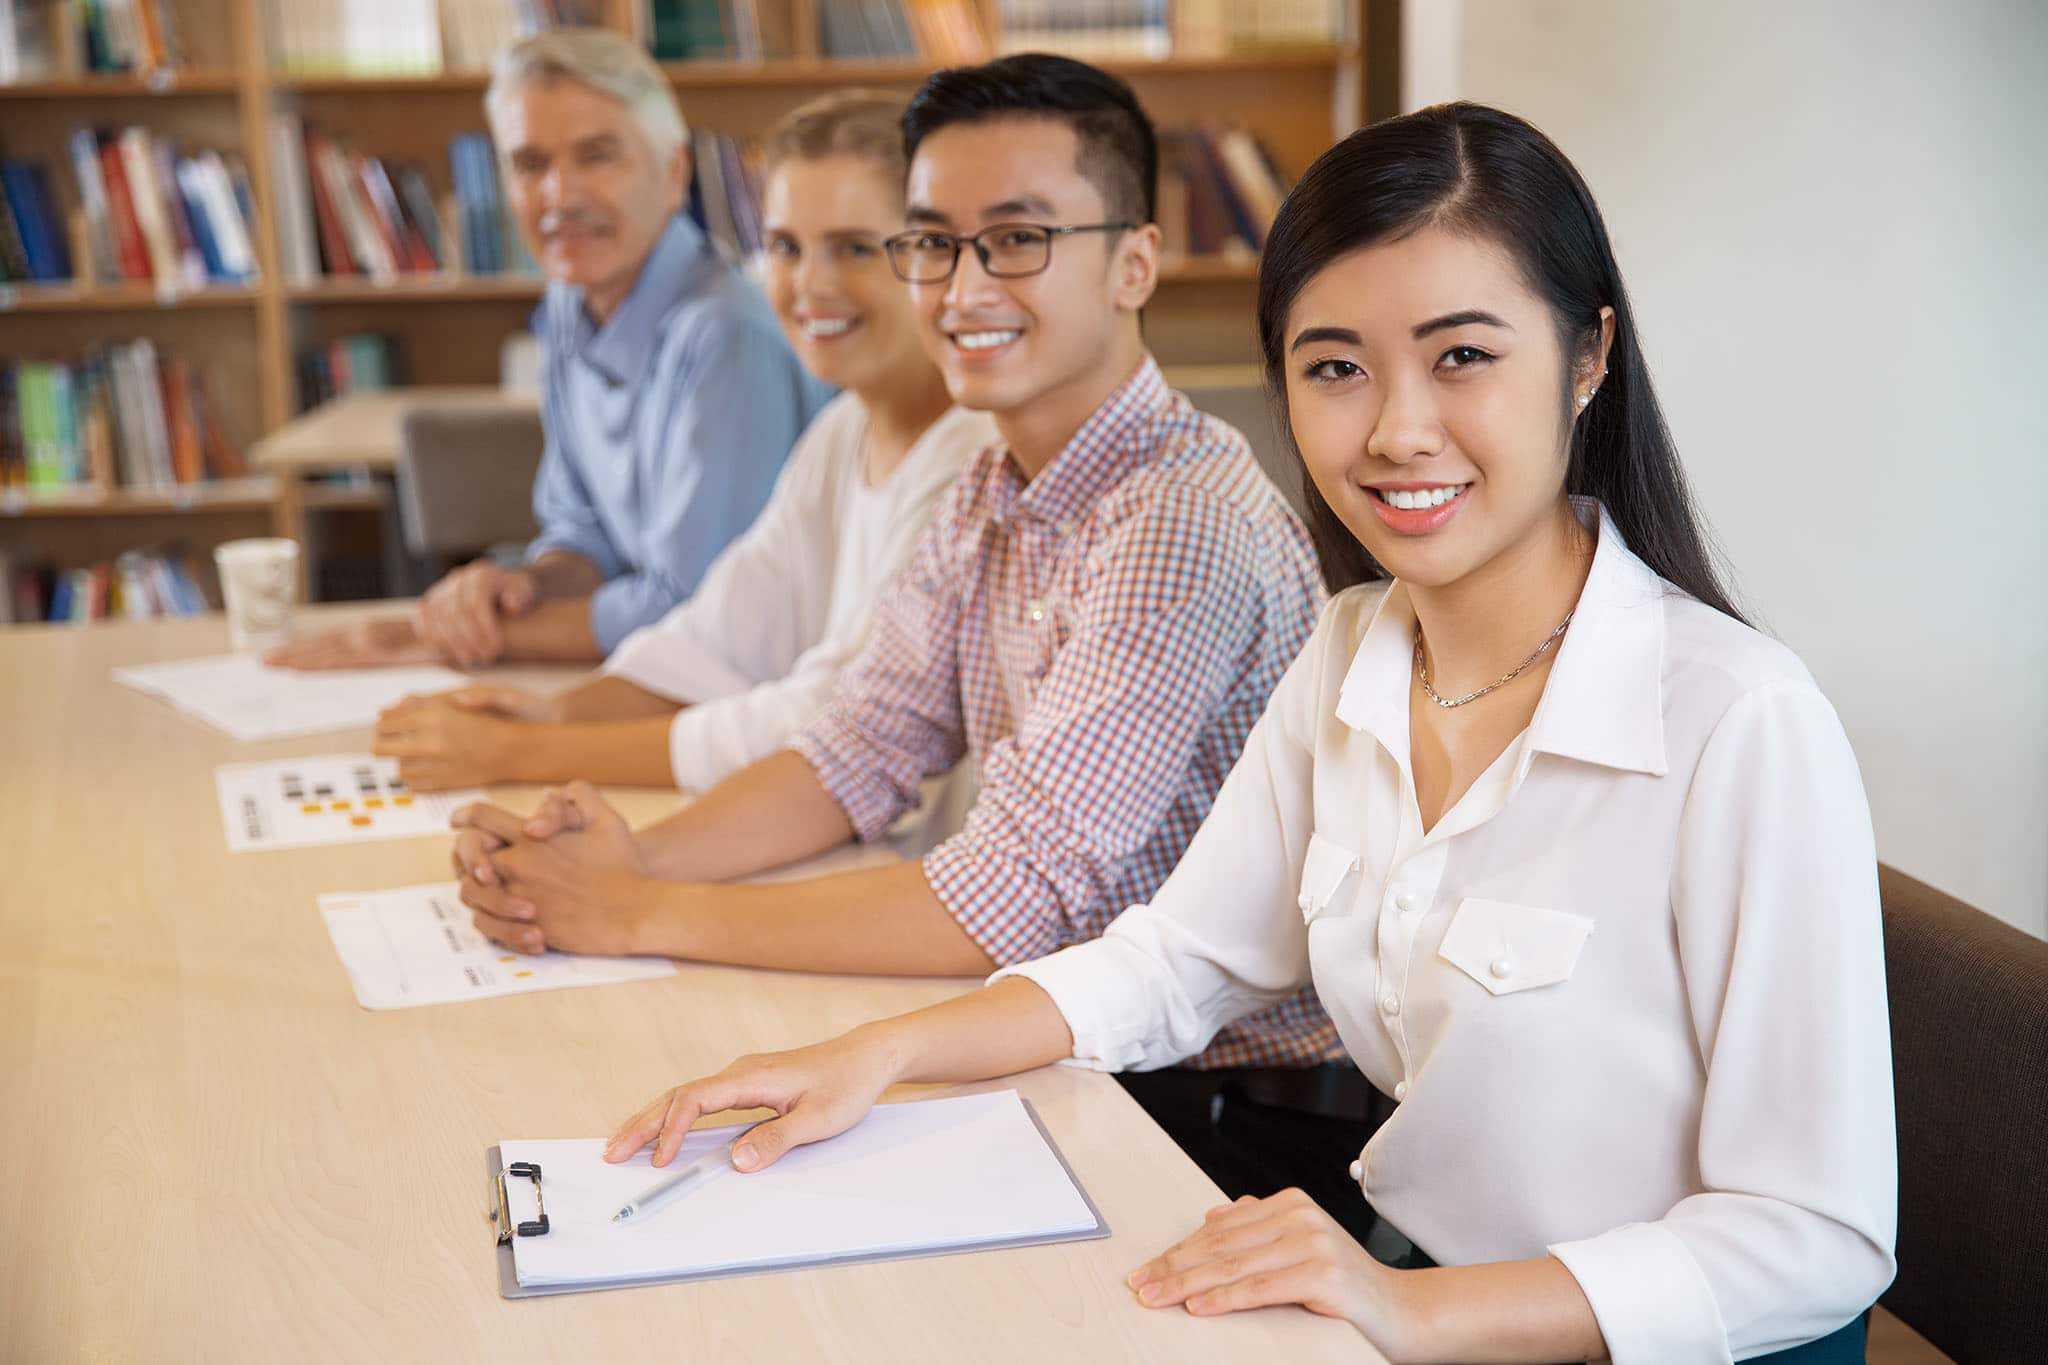 Thảo luận nhóm management trainee - 5 tiêu chí đánh giá và 4 cách tỏa sáng